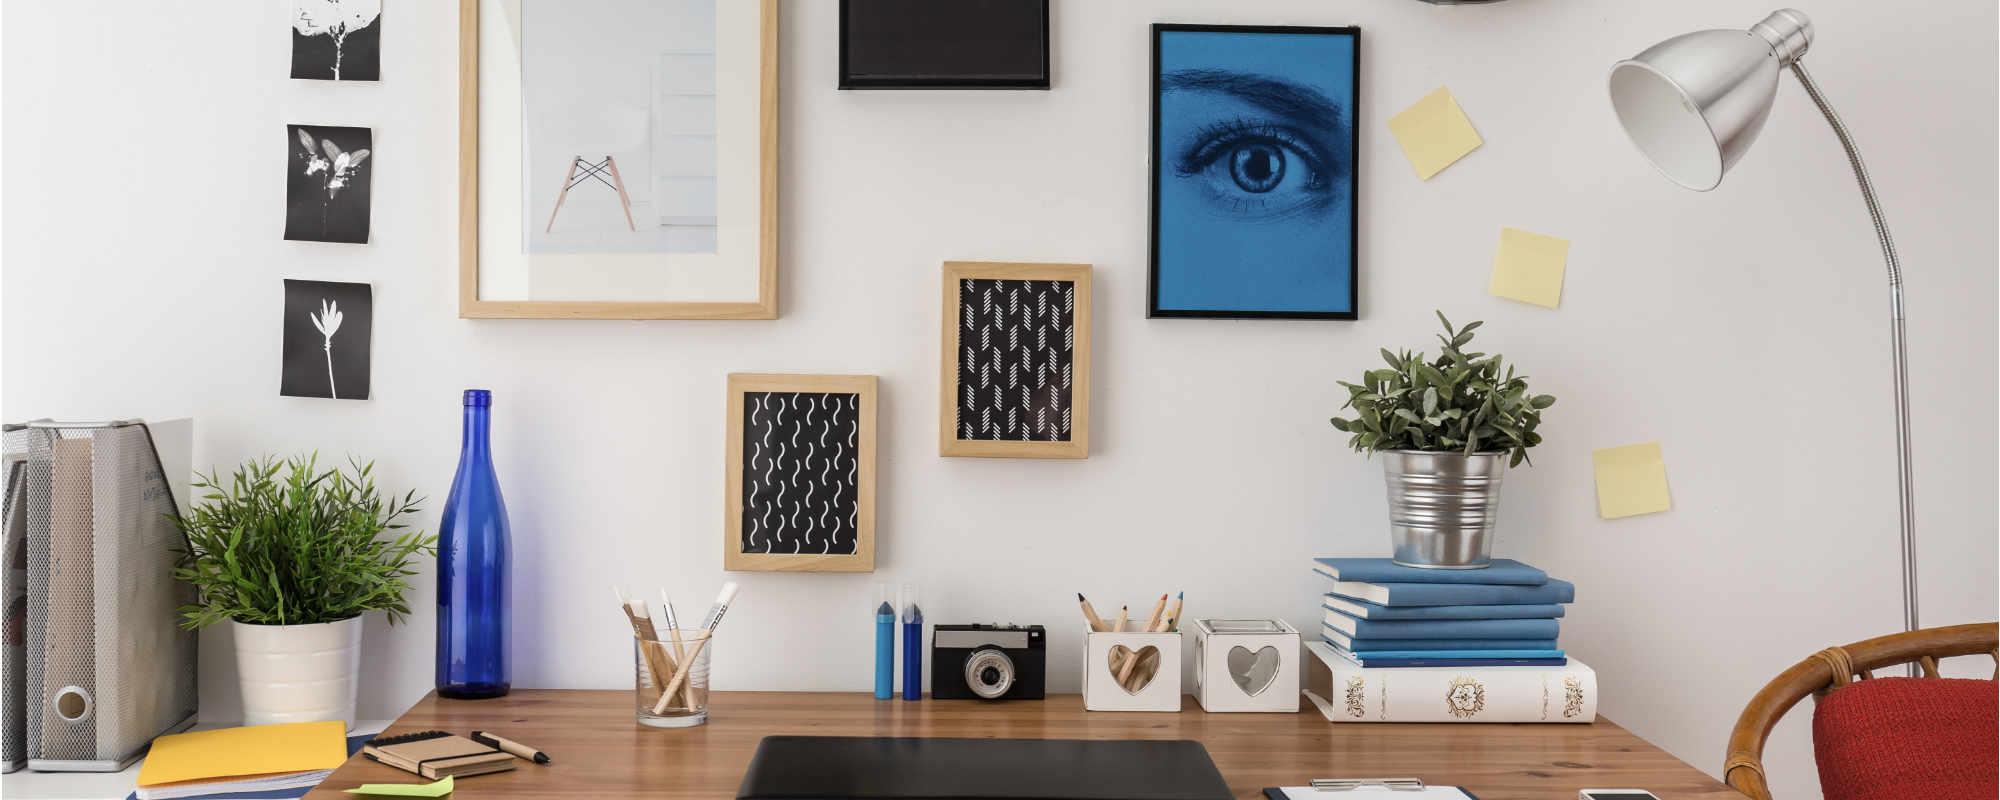 10 Ideas Para Decorar Tu Habitación Con Fotos Y Que Quede